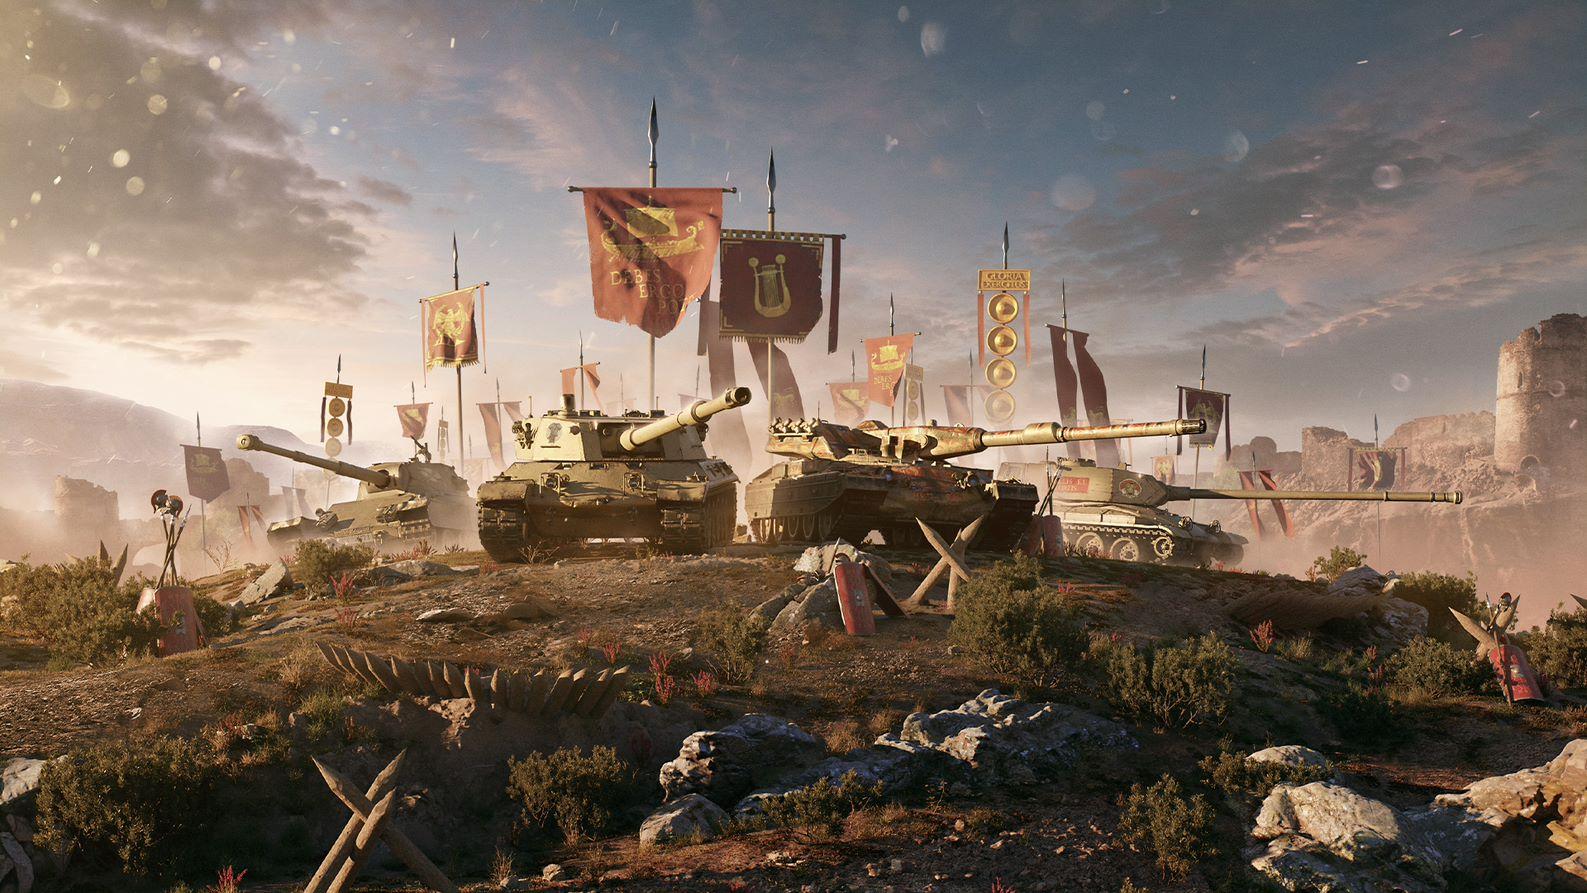 Нова гілка італійських важких танків у грі / фото wargaming.net